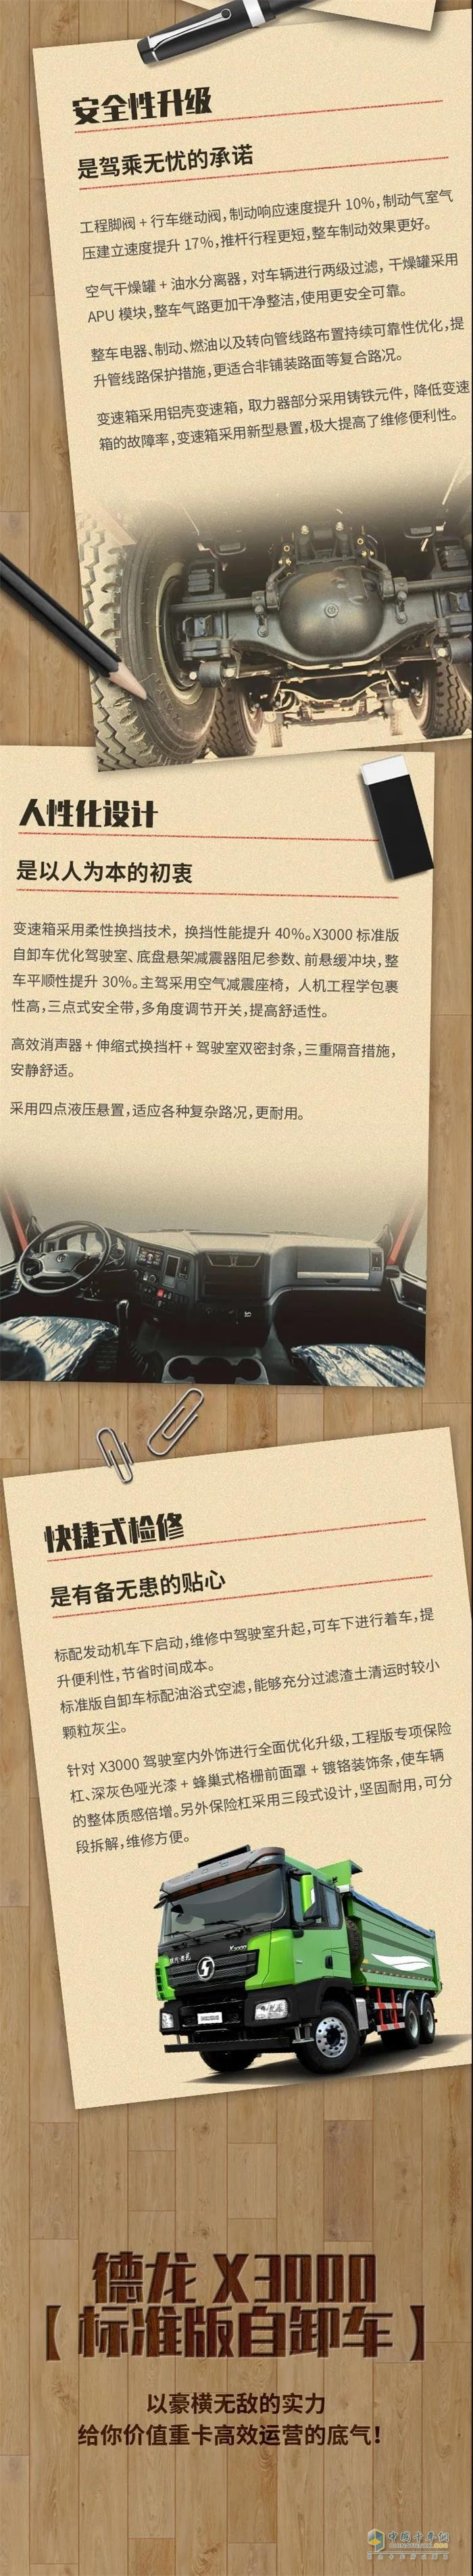 德龙X3000标准版自卸车